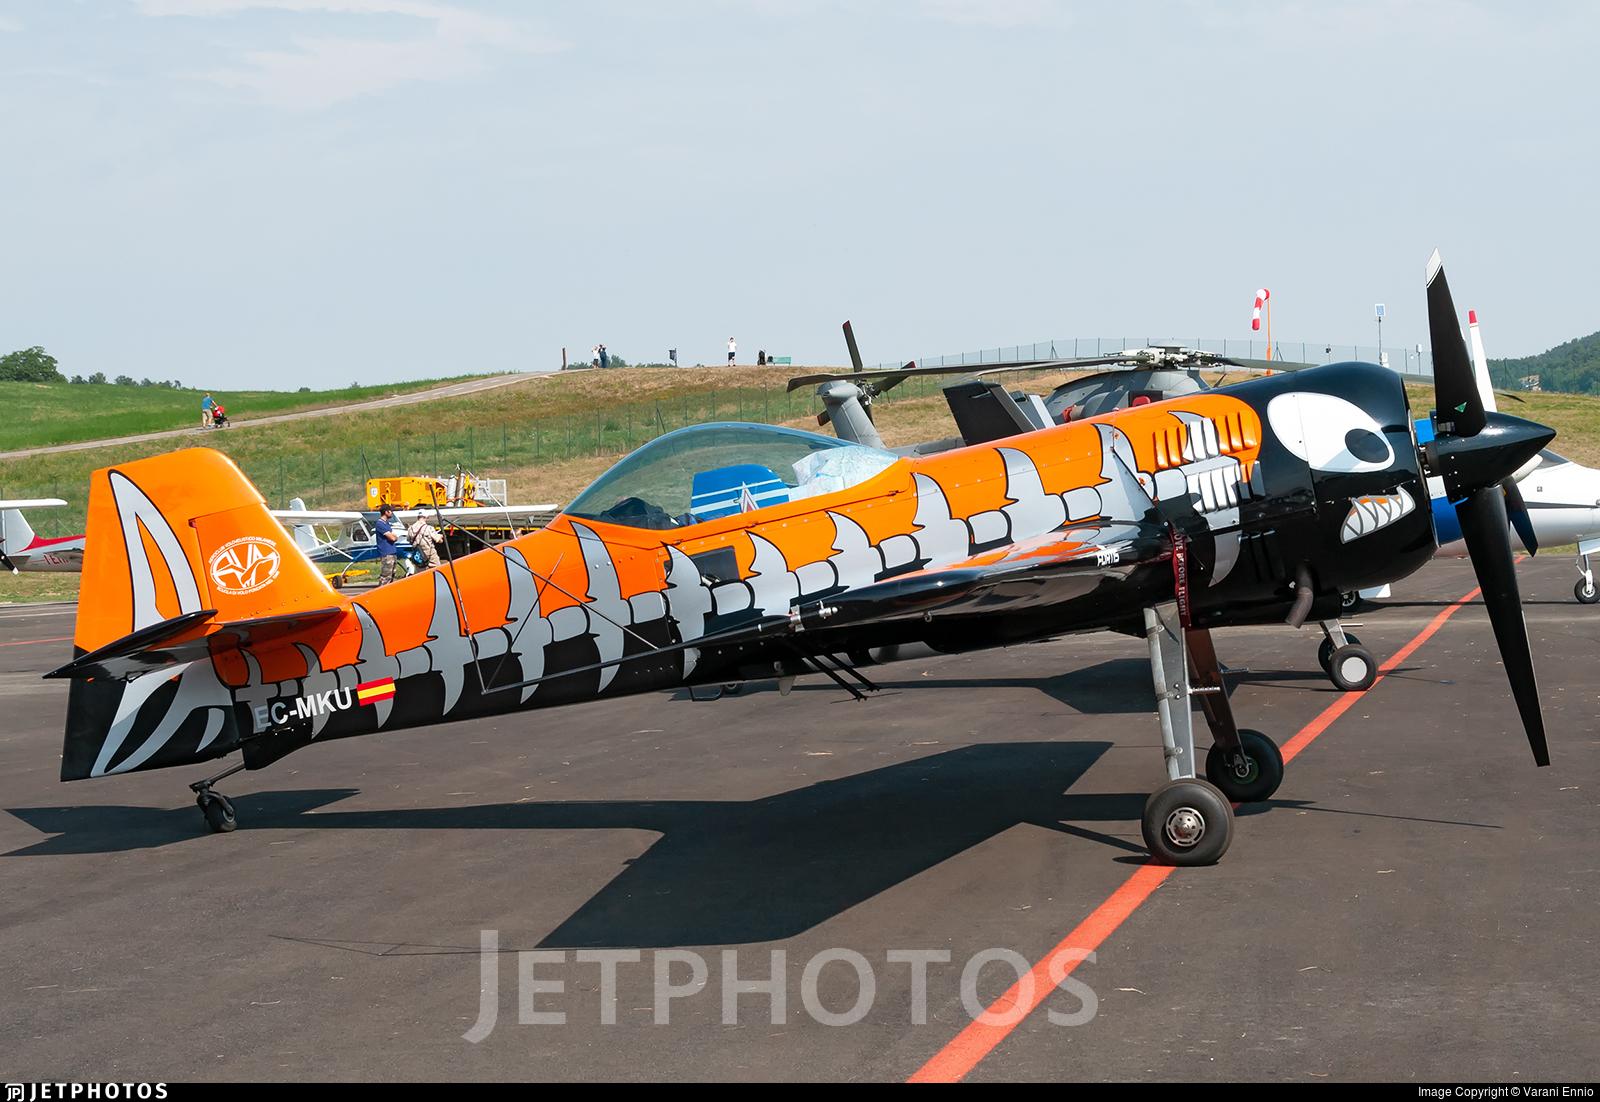 EC-MKU - Sukhoi Su-31 - Private